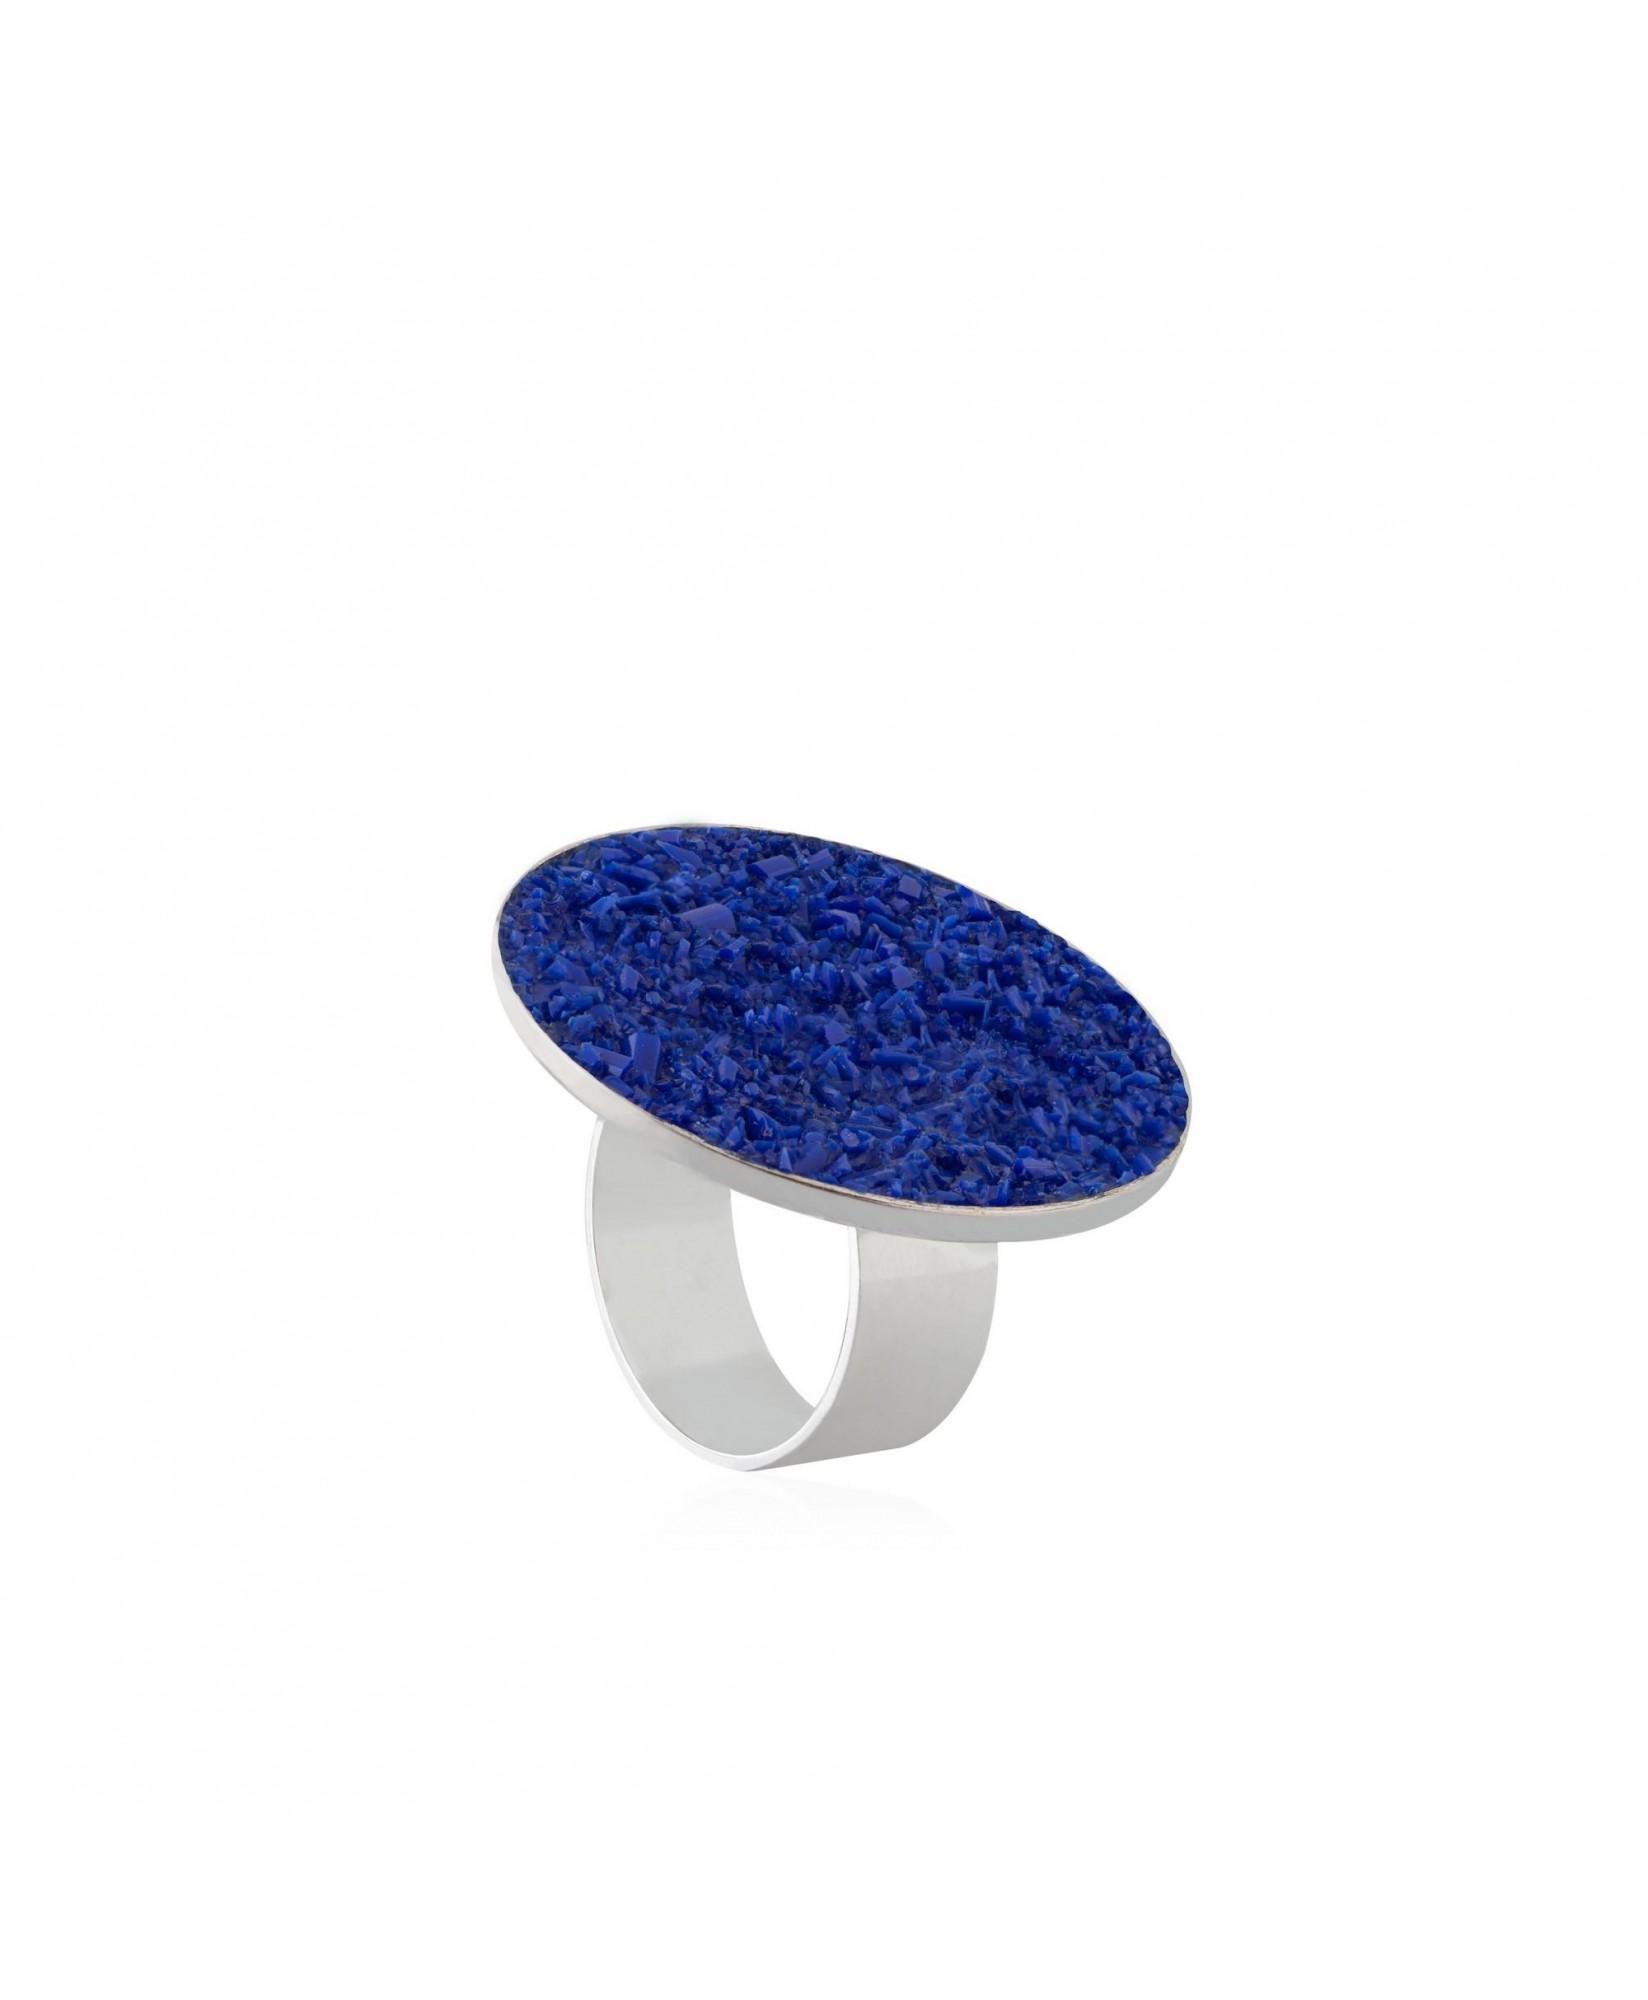 Anillo de plata Selene con nácar azul Anillo de plata Selene con nácar azul